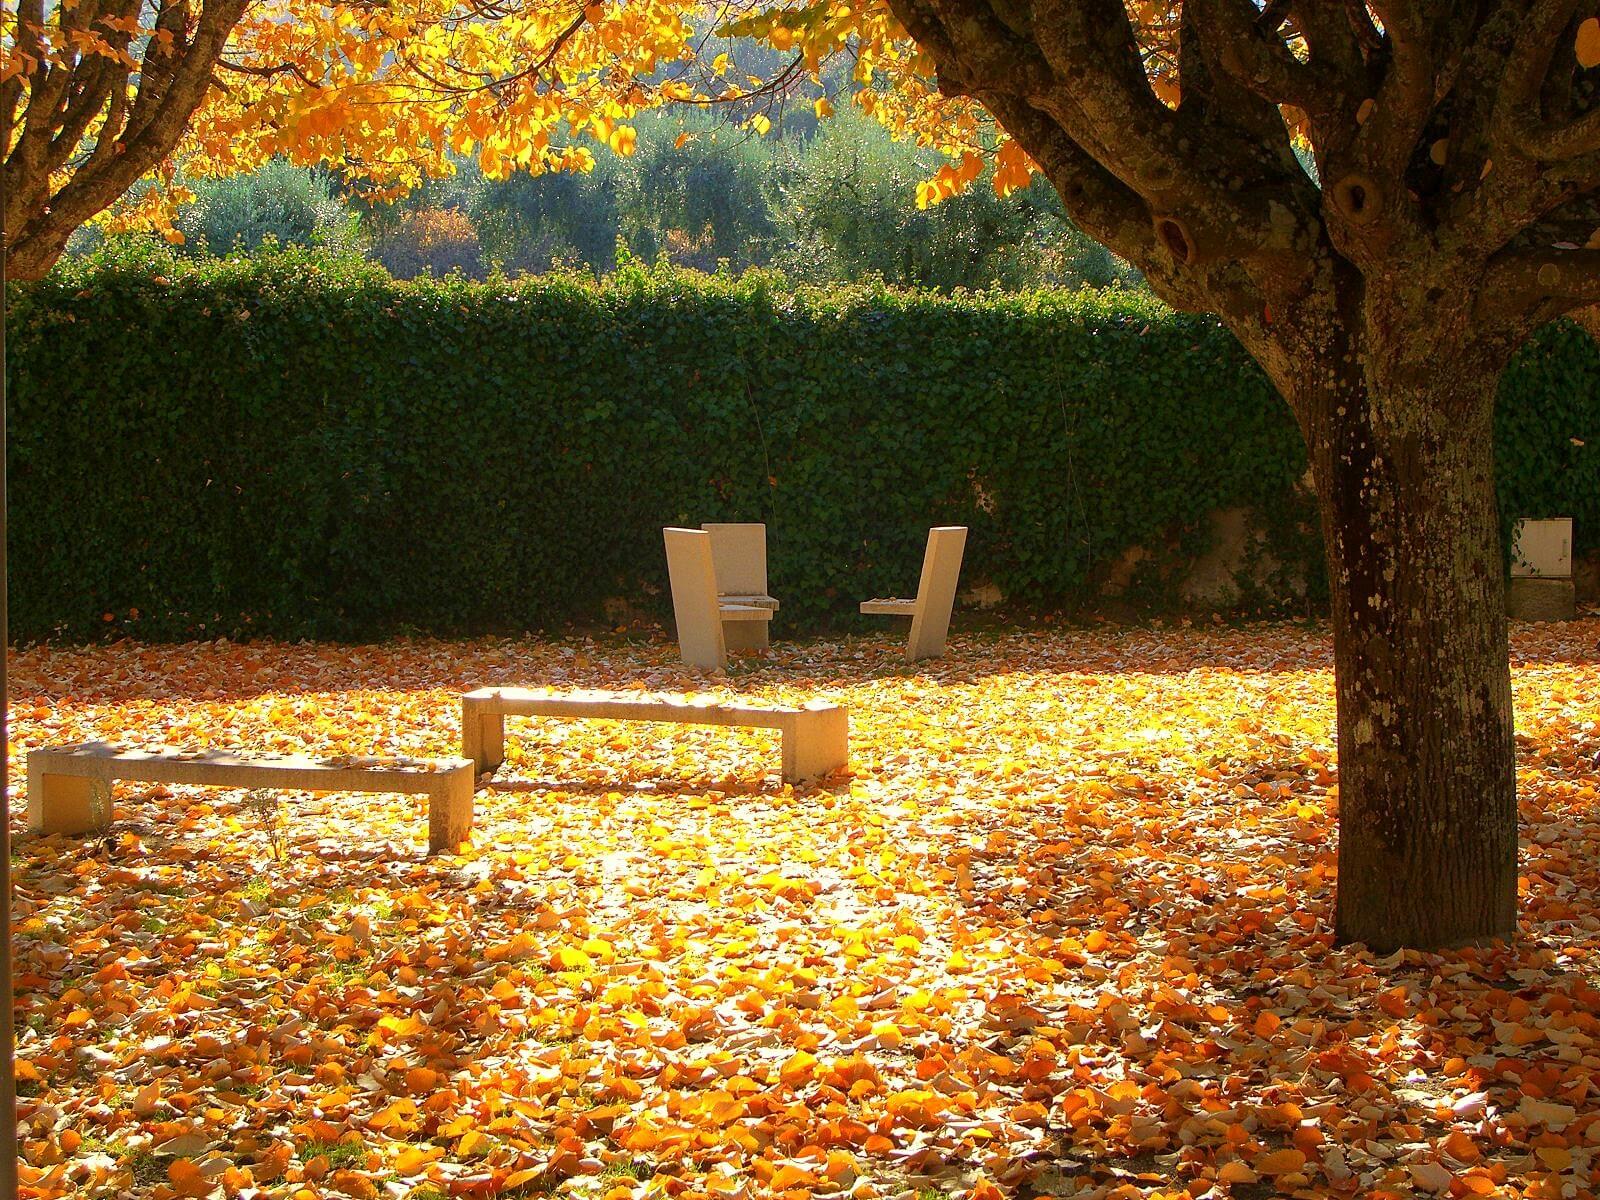 Jardim enfeitado com as cores de outono Fotografia de Bruno César